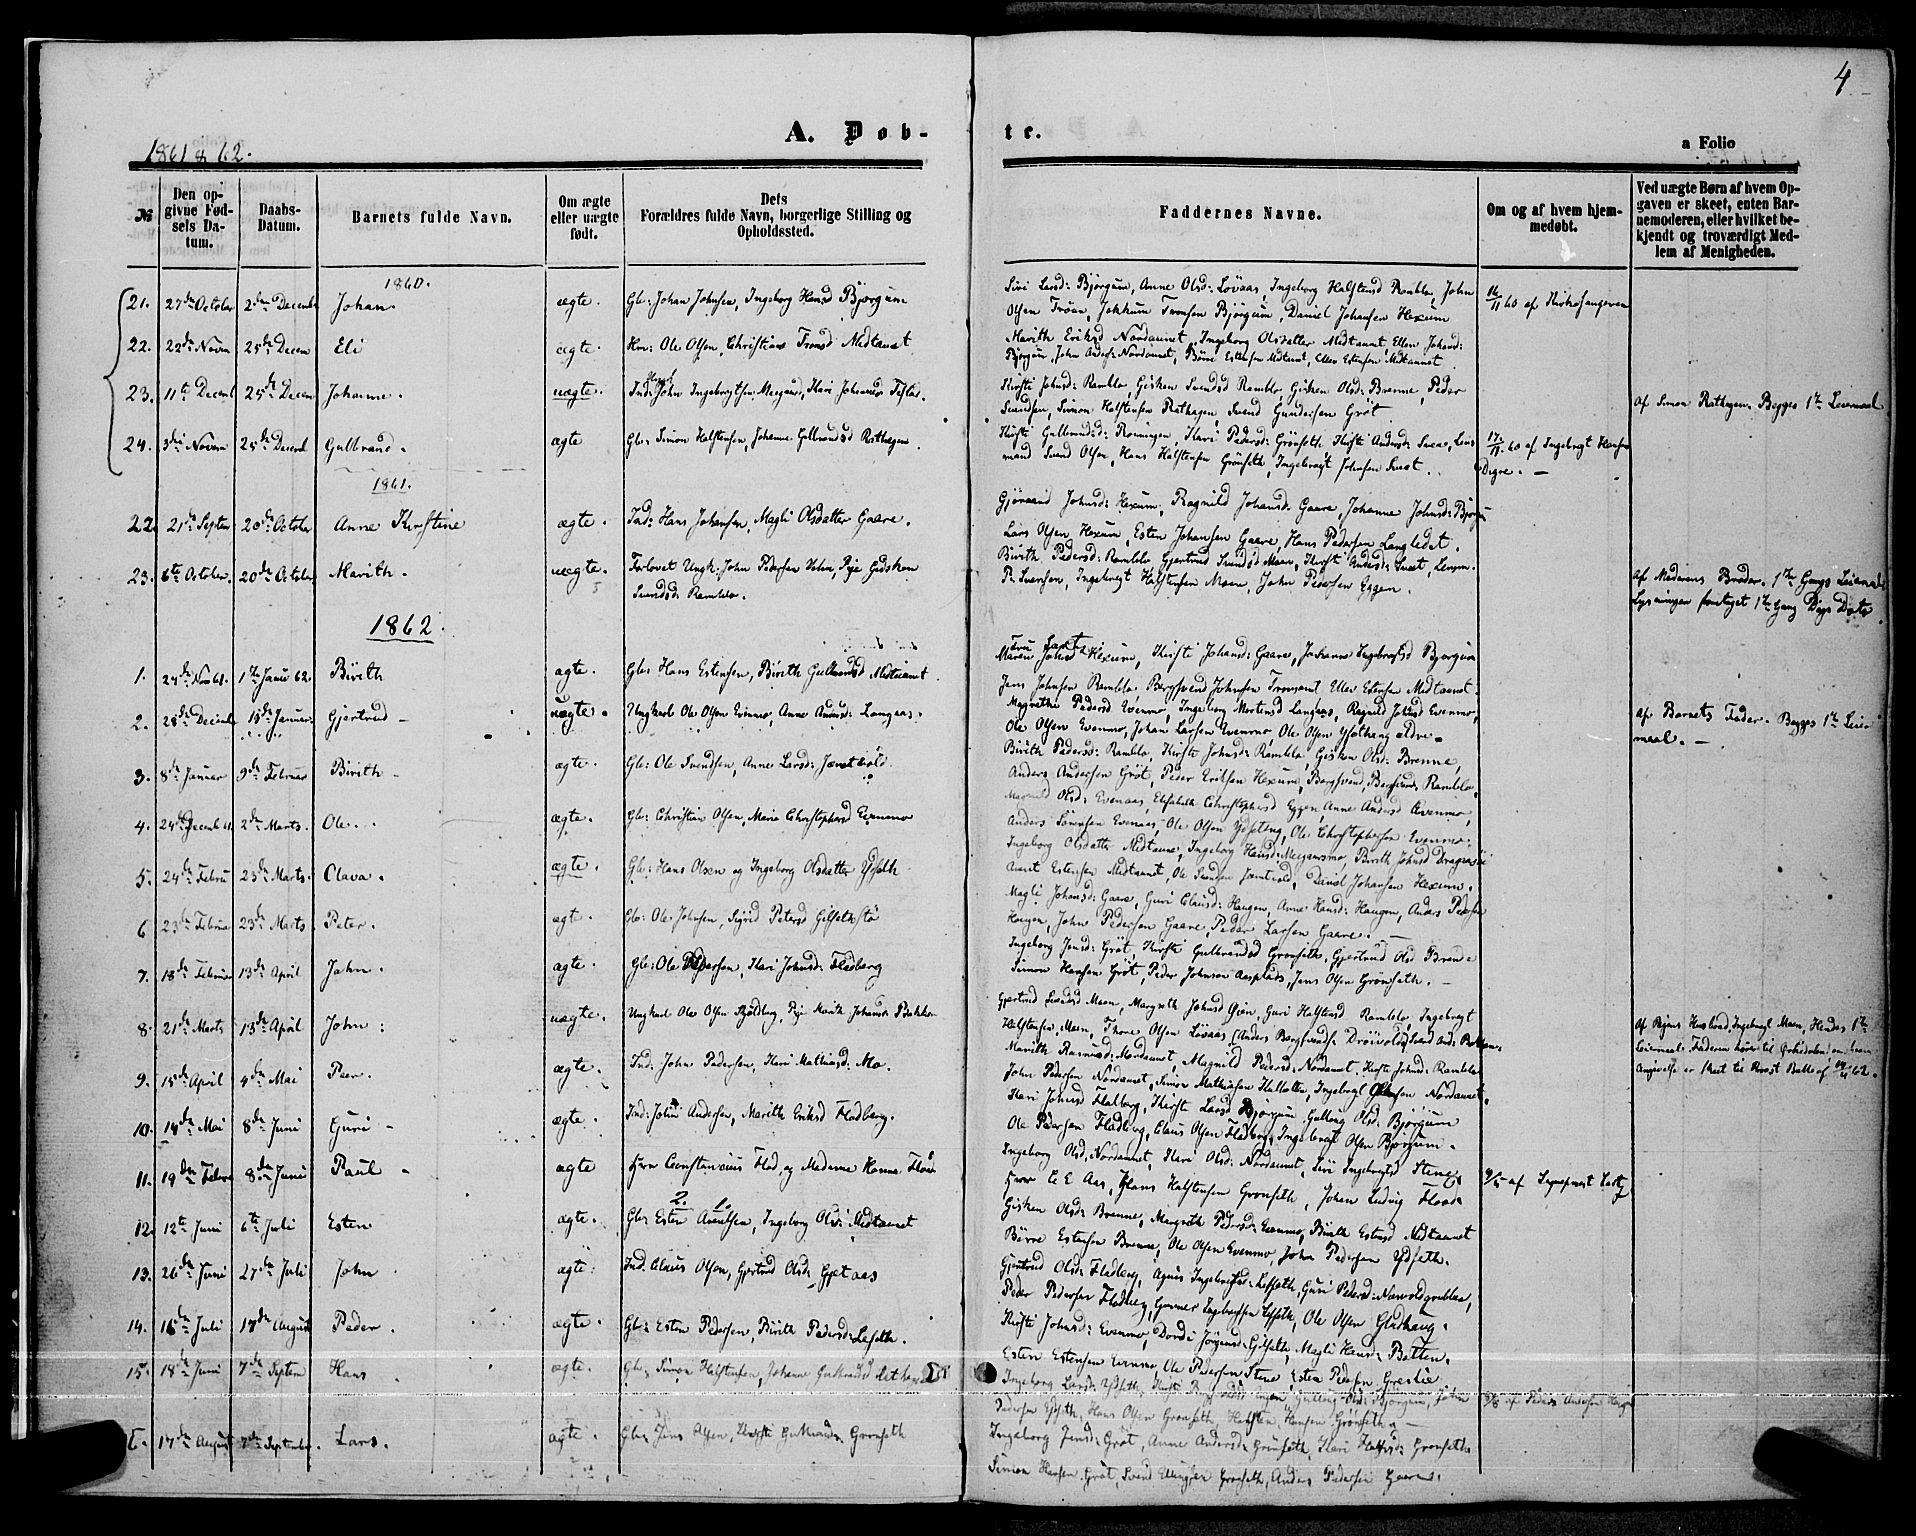 SAT, Ministerialprotokoller, klokkerbøker og fødselsregistre - Sør-Trøndelag, 685/L0966: Ministerialbok nr. 685A07 /1, 1860-1869, s. 4